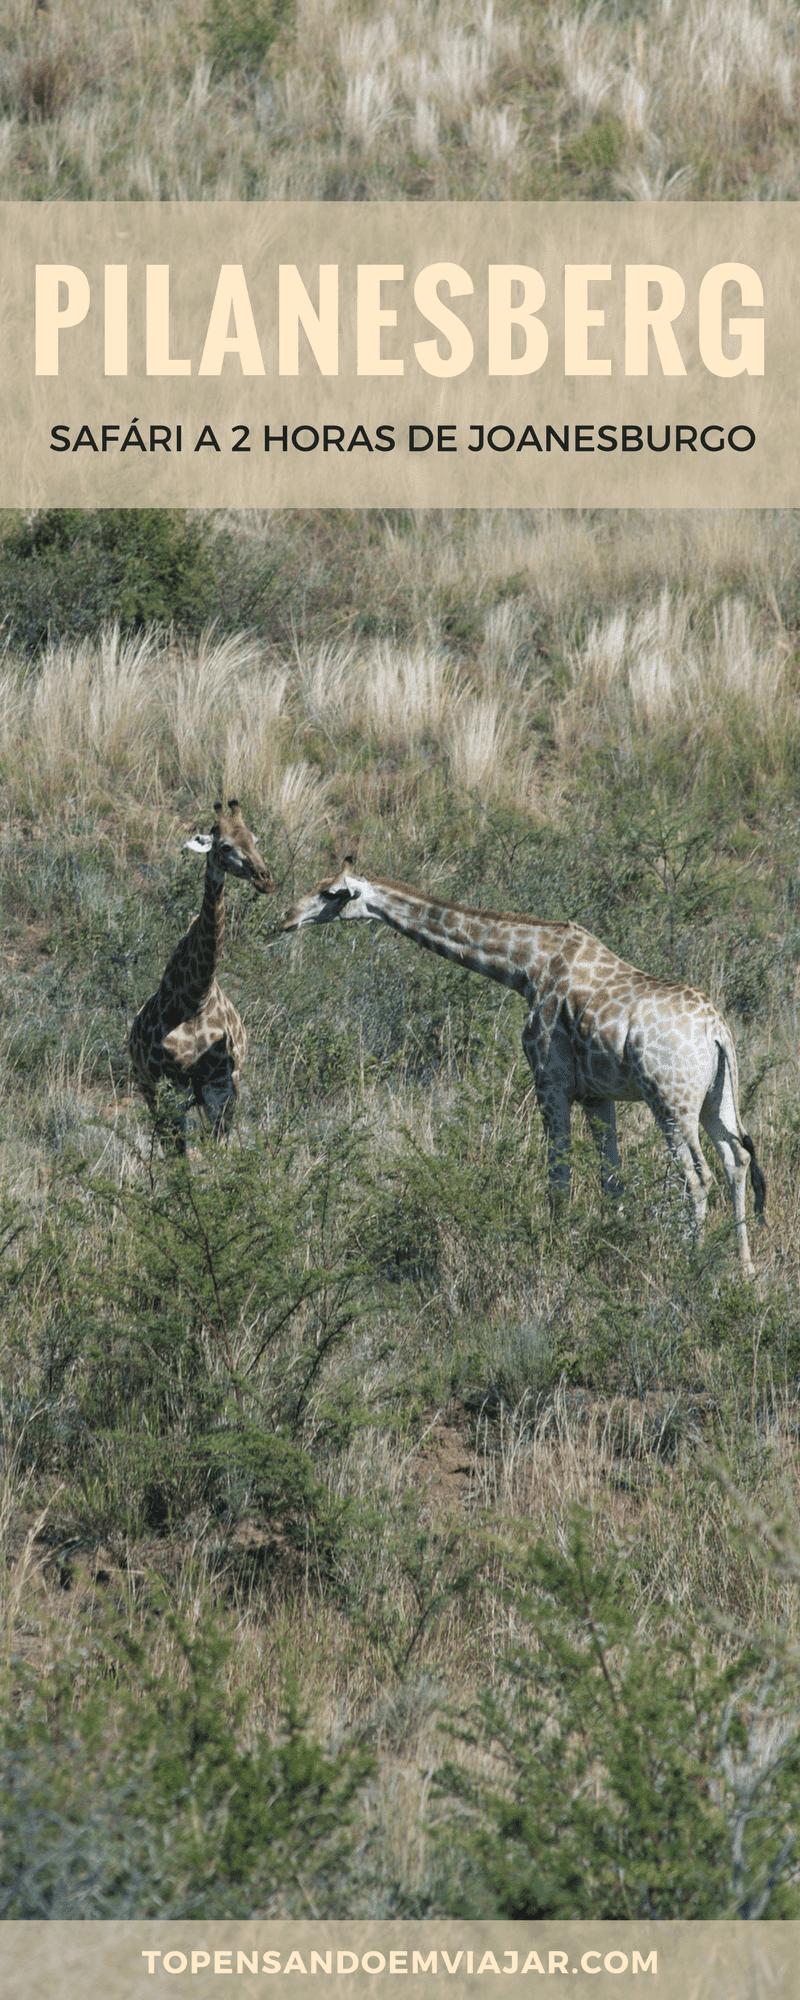 O PIlanesberg Park é a melhor opção para quem tem pouco tempo na África do Sul e quer fazer um safári perto de Joanesburgo. Localizado a apenas 2 horas de Joburg, você pode fazer um bate e volta ou ficar hospedado em um dos lodges no Pilanesbeg. O parque é uma reserva Big 5 e malária free!